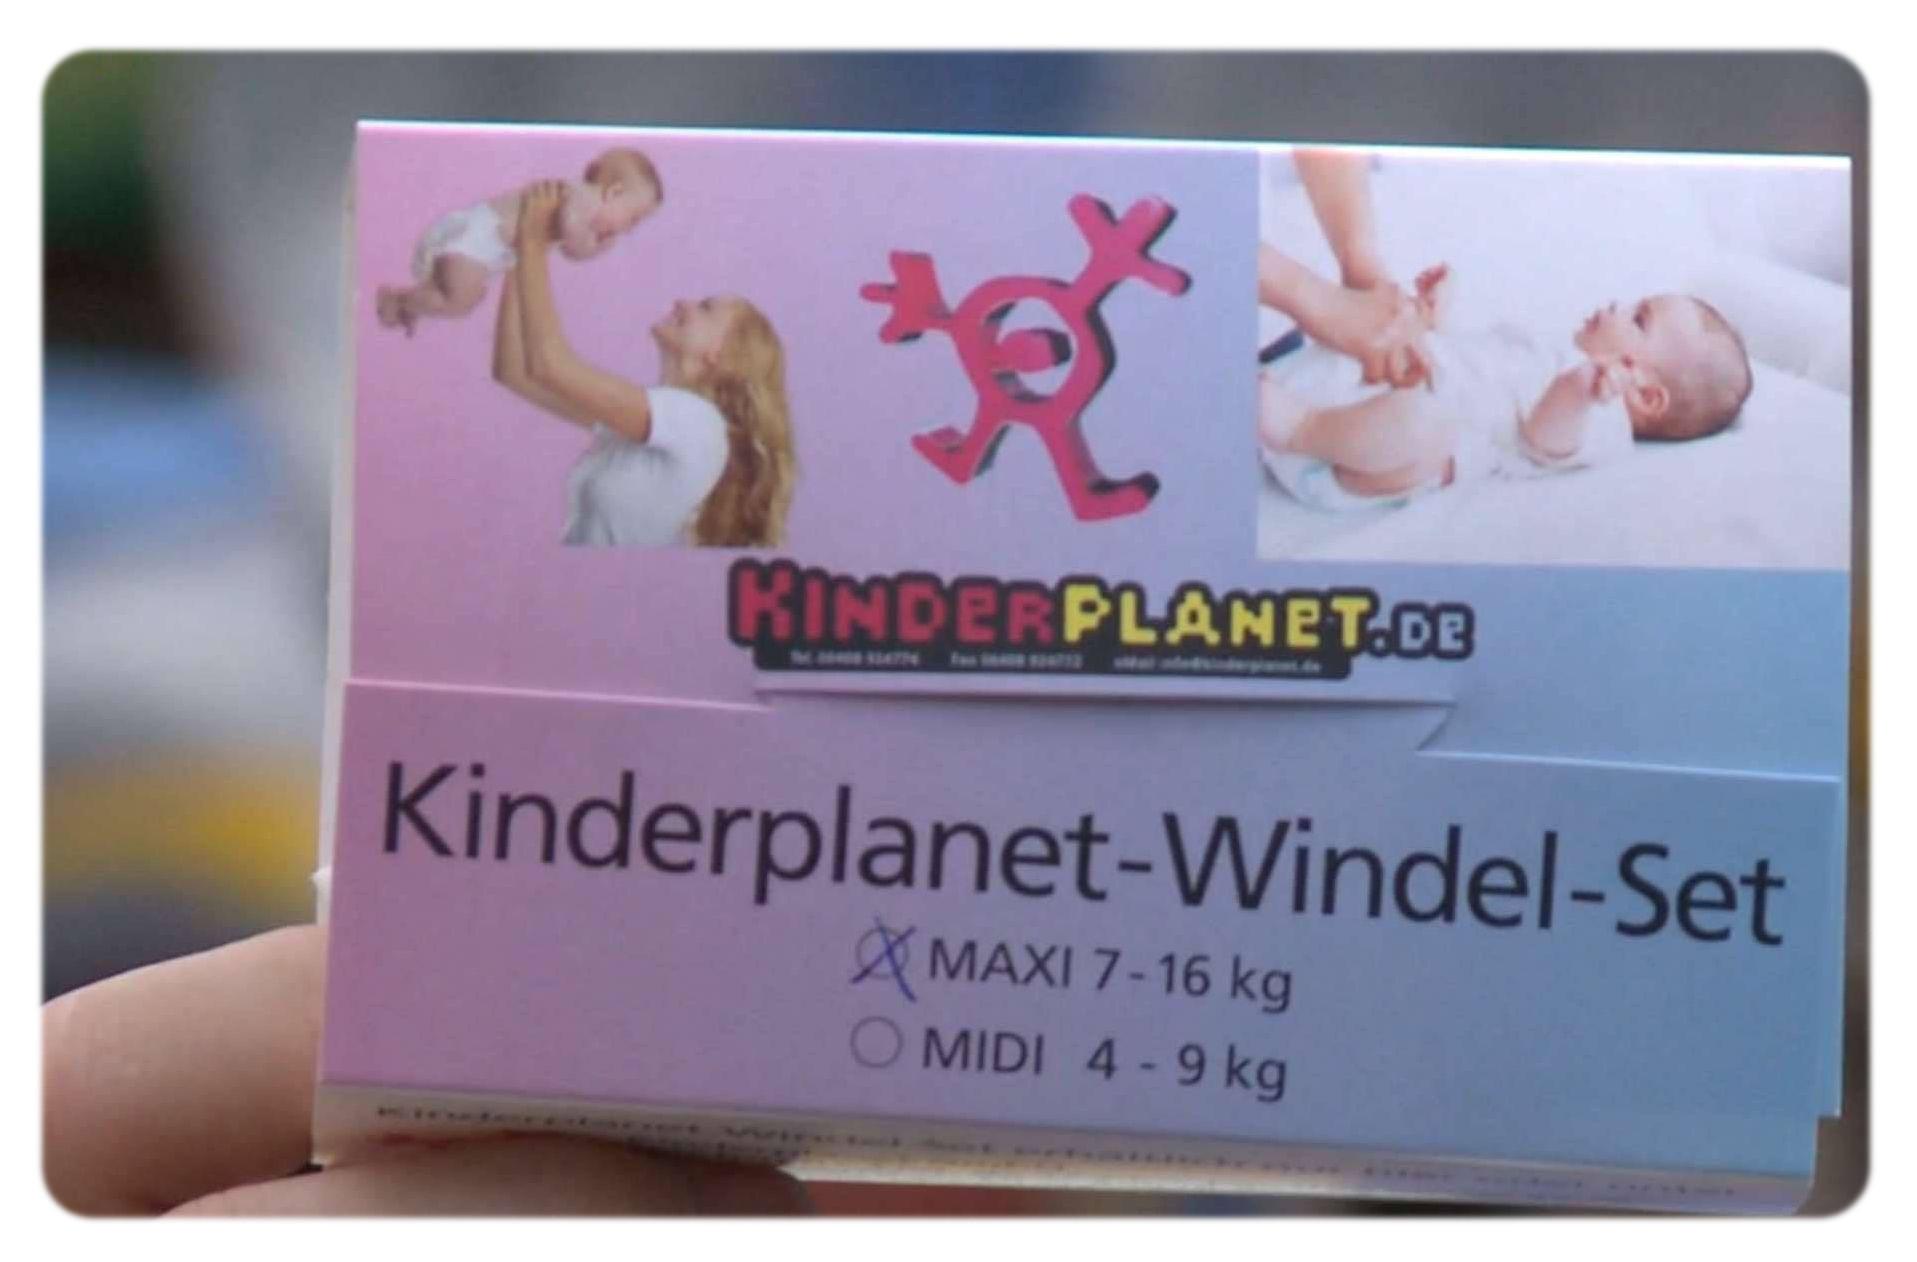 Kinderplanet Windelset